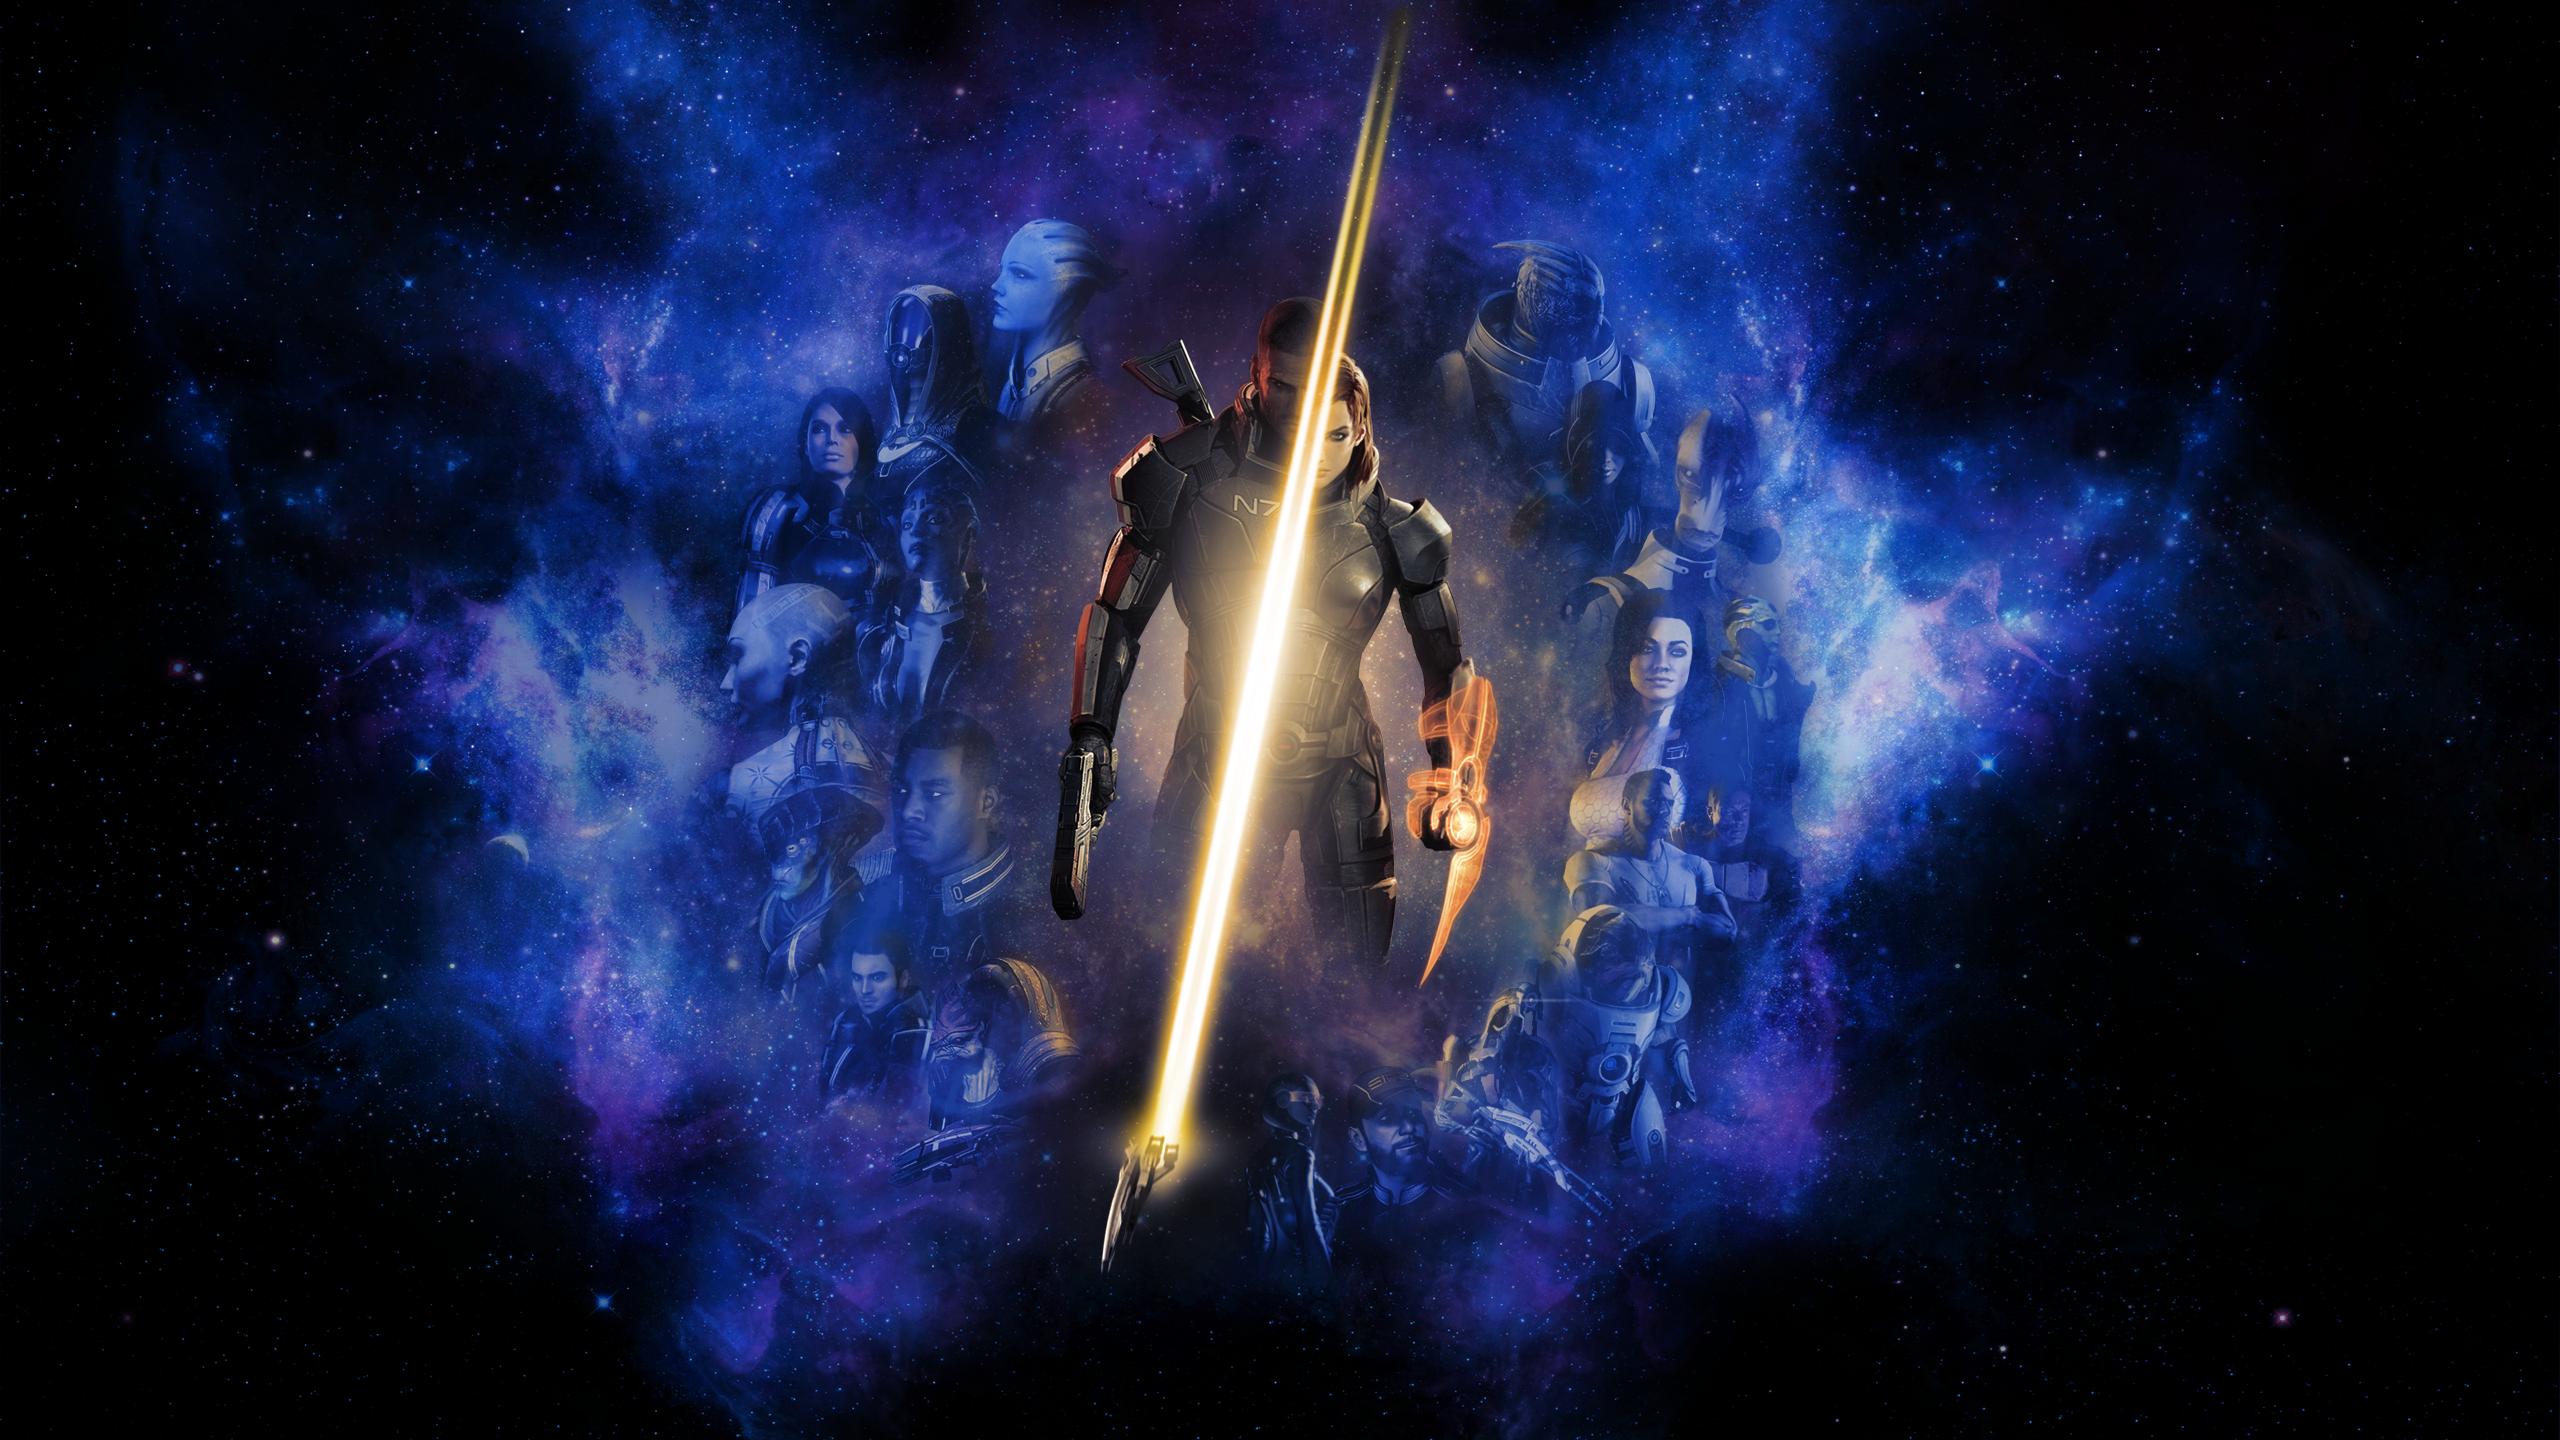 Mass Effect Desktop Backgrounds: Mass Effect Wallpaper By RockLou On DeviantArt